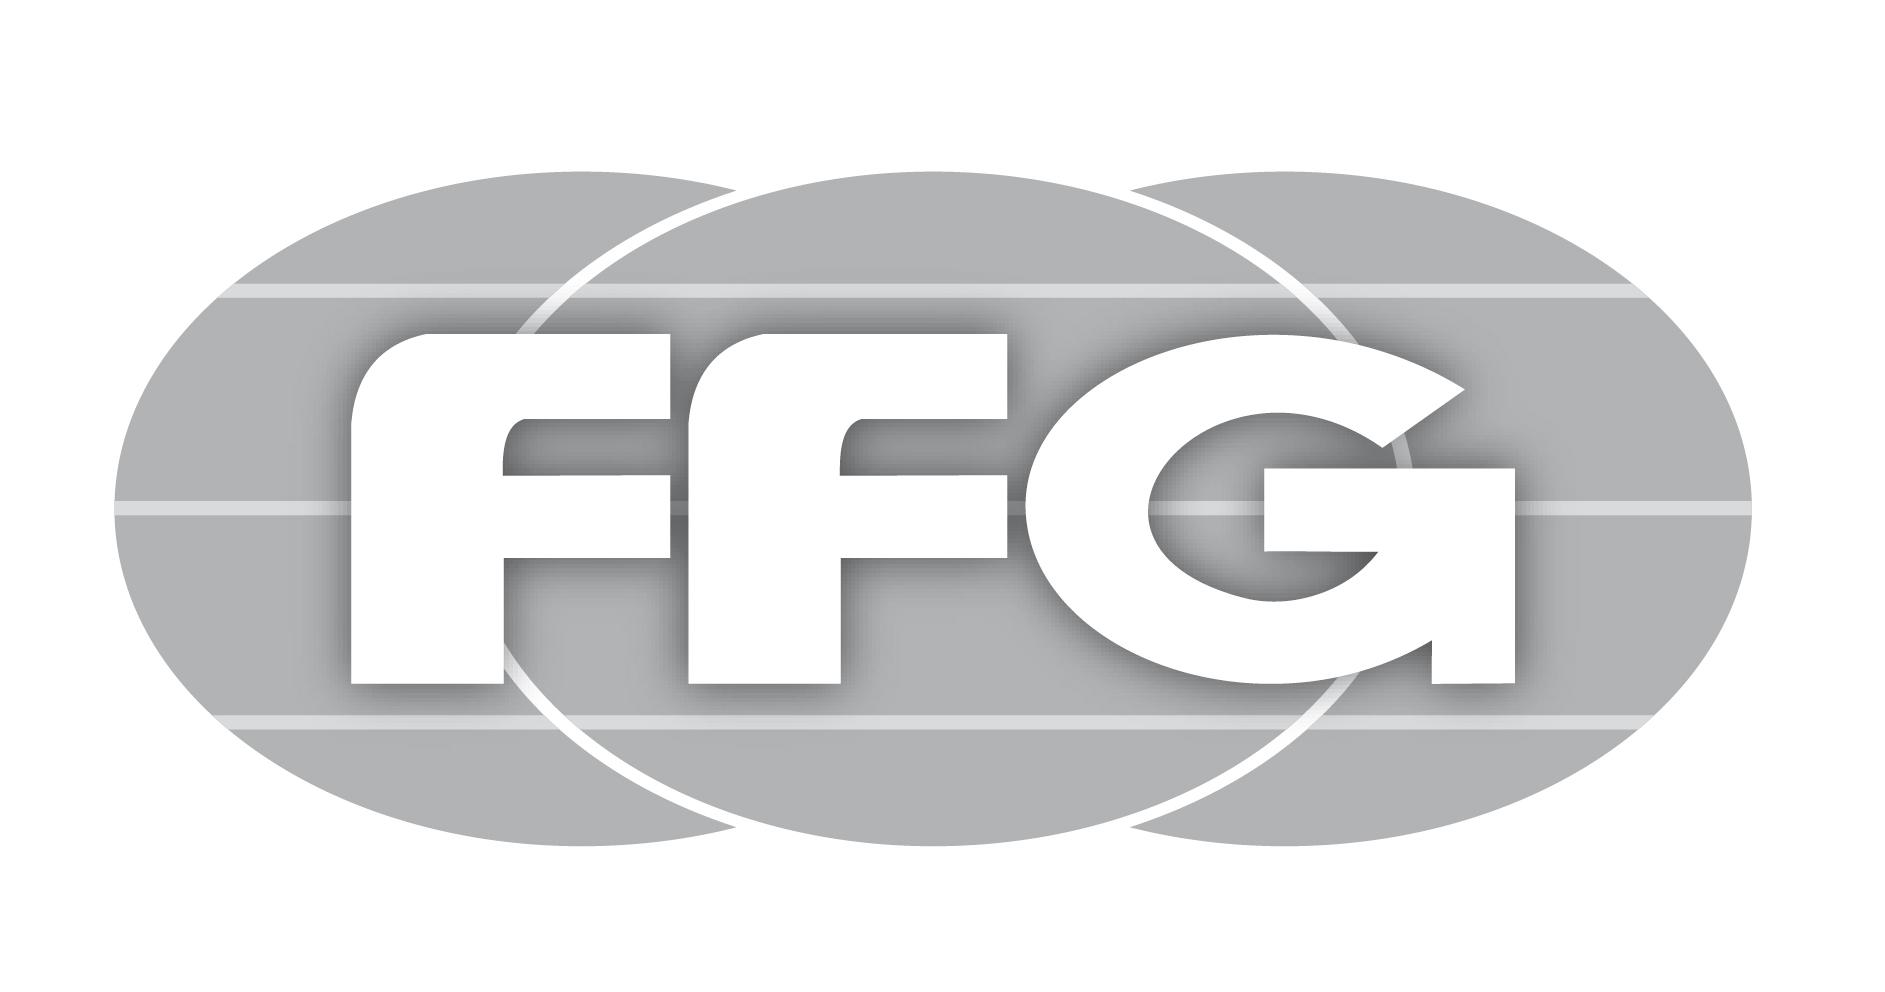 FFG 欧美